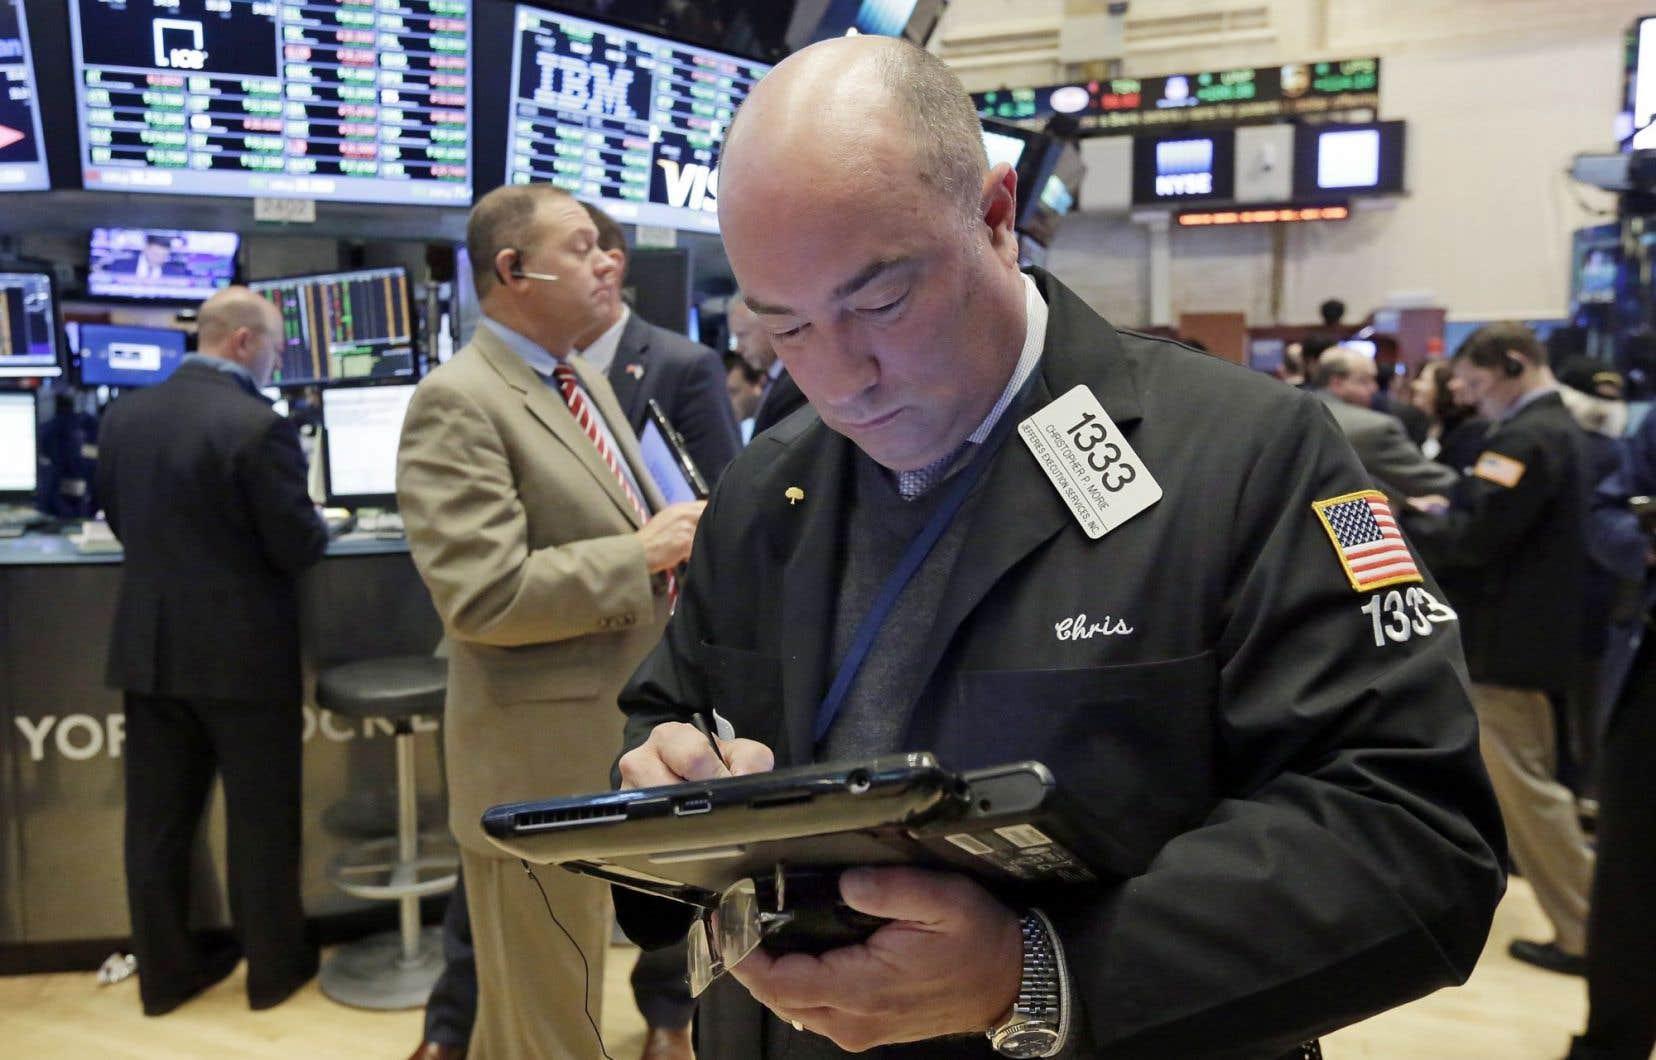 À la Bourse de New York, l'indice vedette Dow Jones a pris 88,76 points.